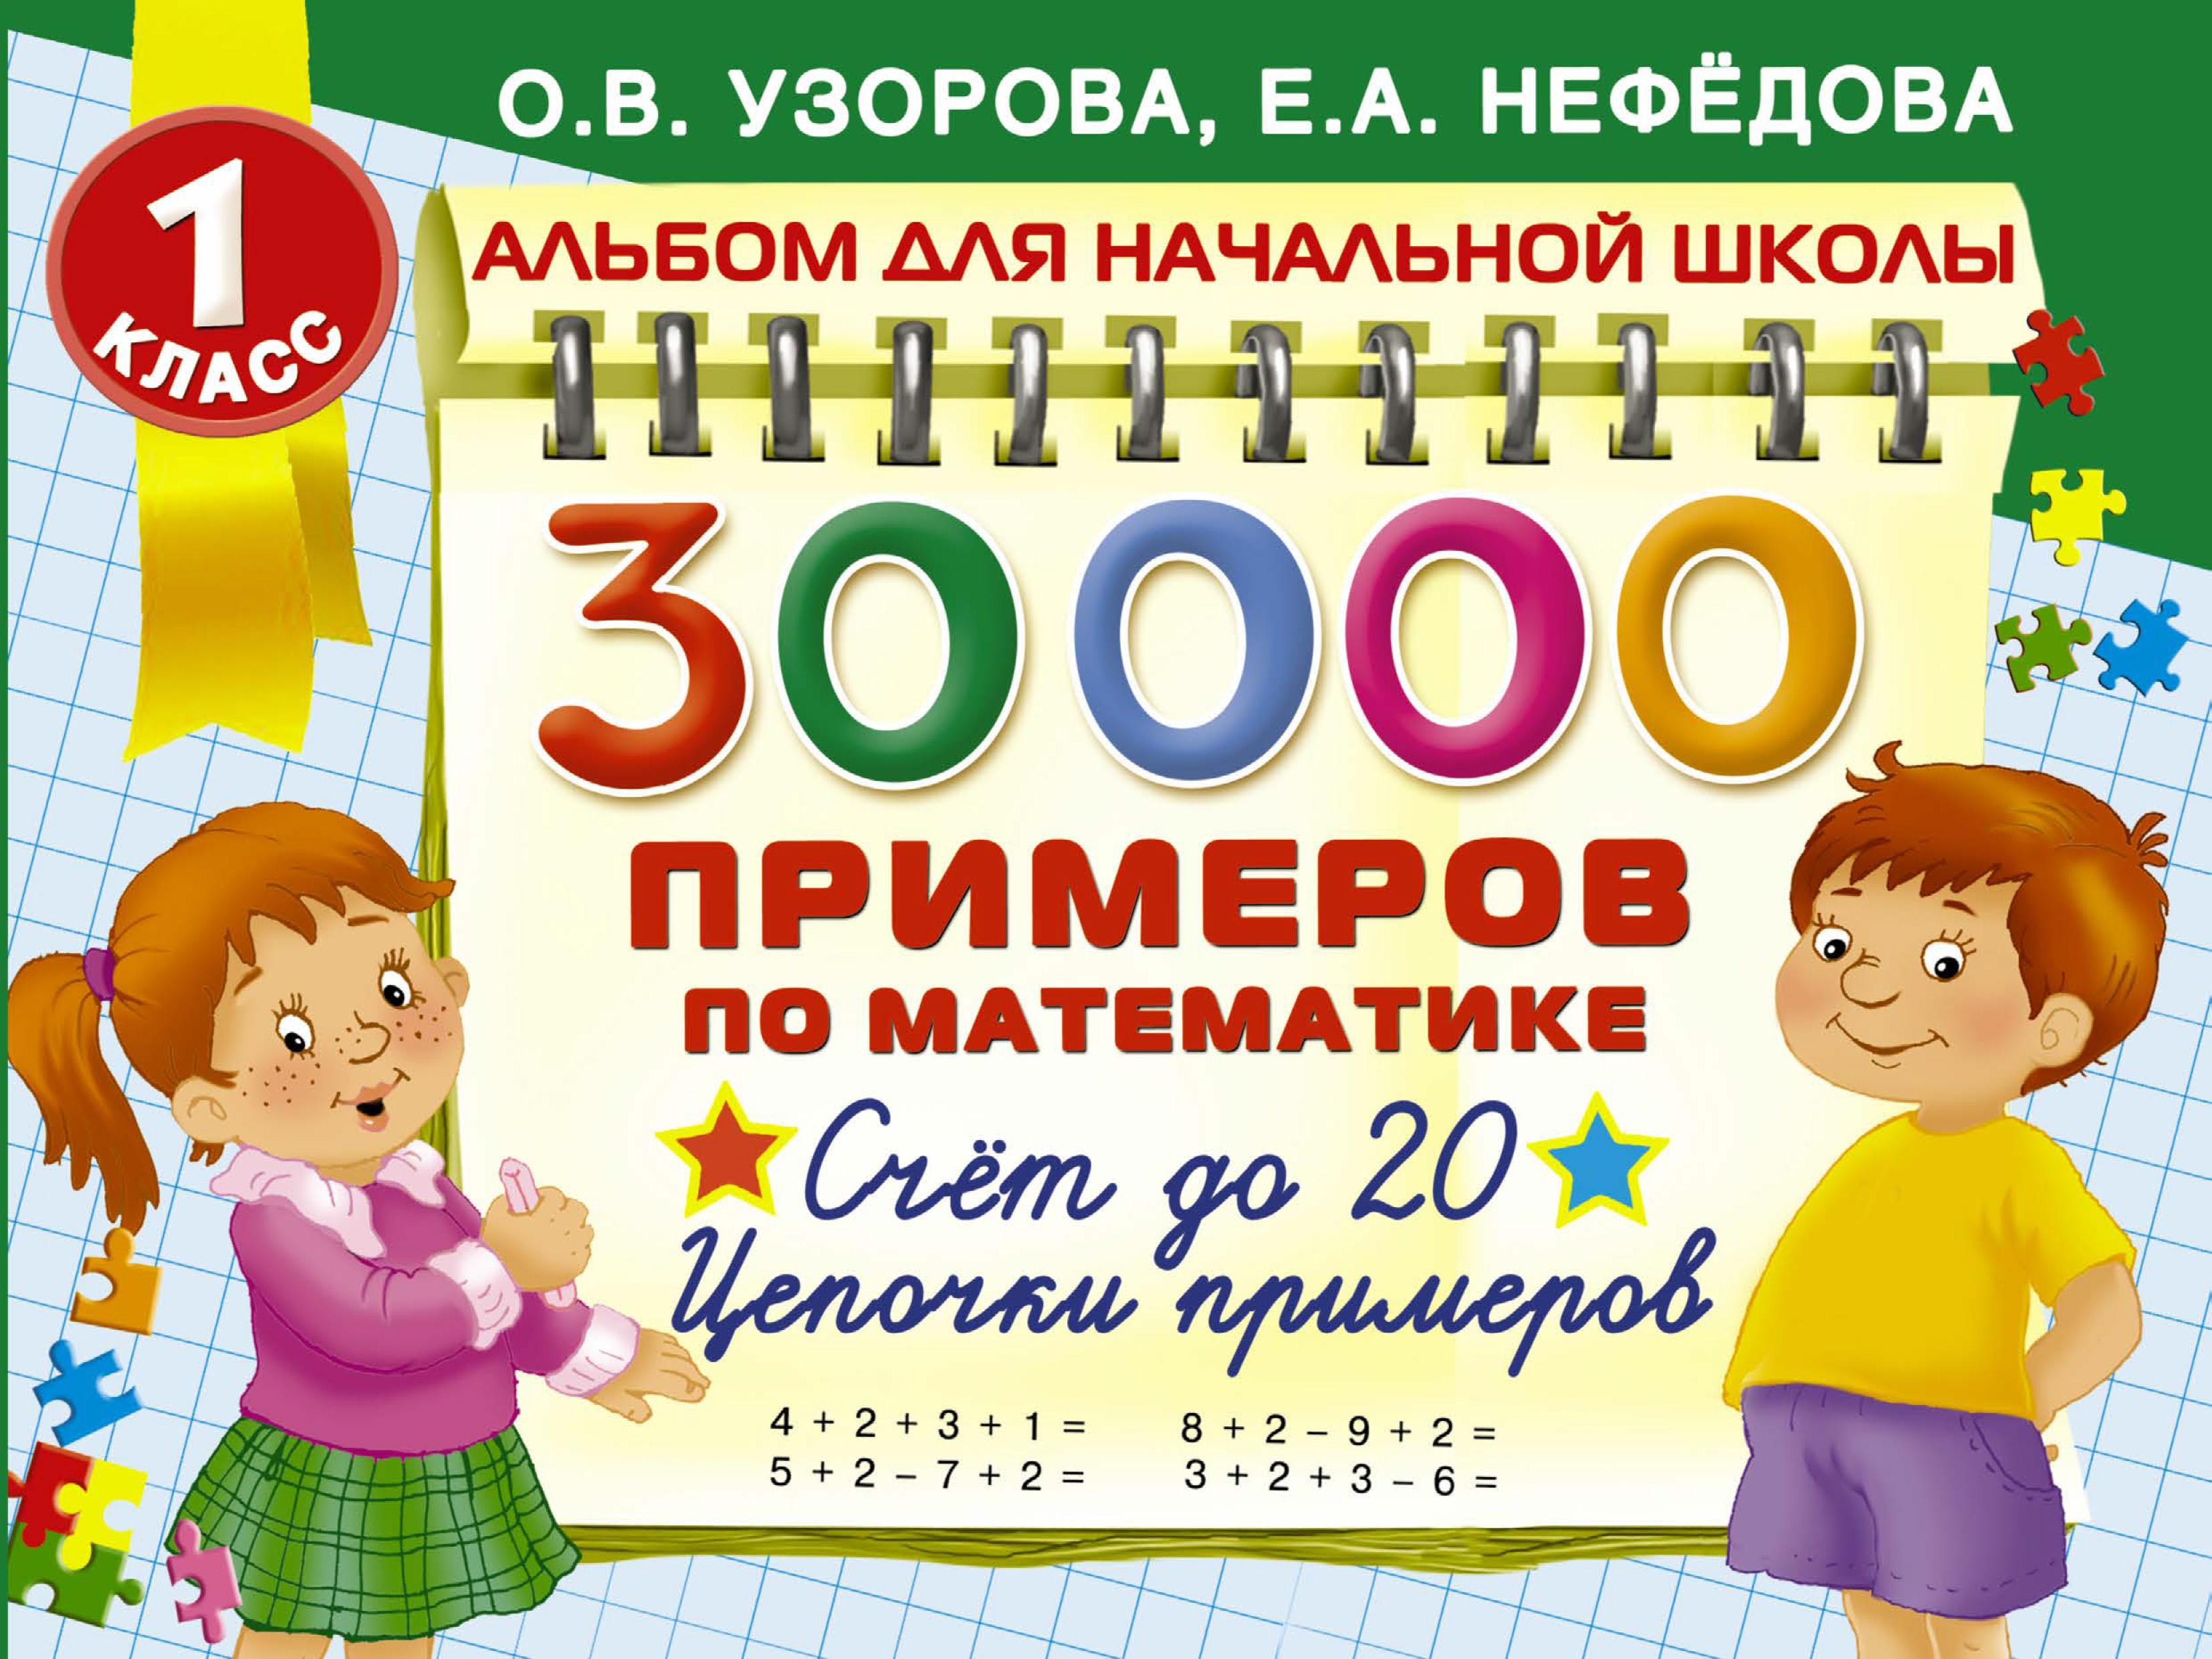 О. В. Узорова 30000 примеров по математике. 1 класс. Счет до 20. Цепочки примеров алексей кулаков математика все цепочки примеров для устных и письменных работ 4 класс